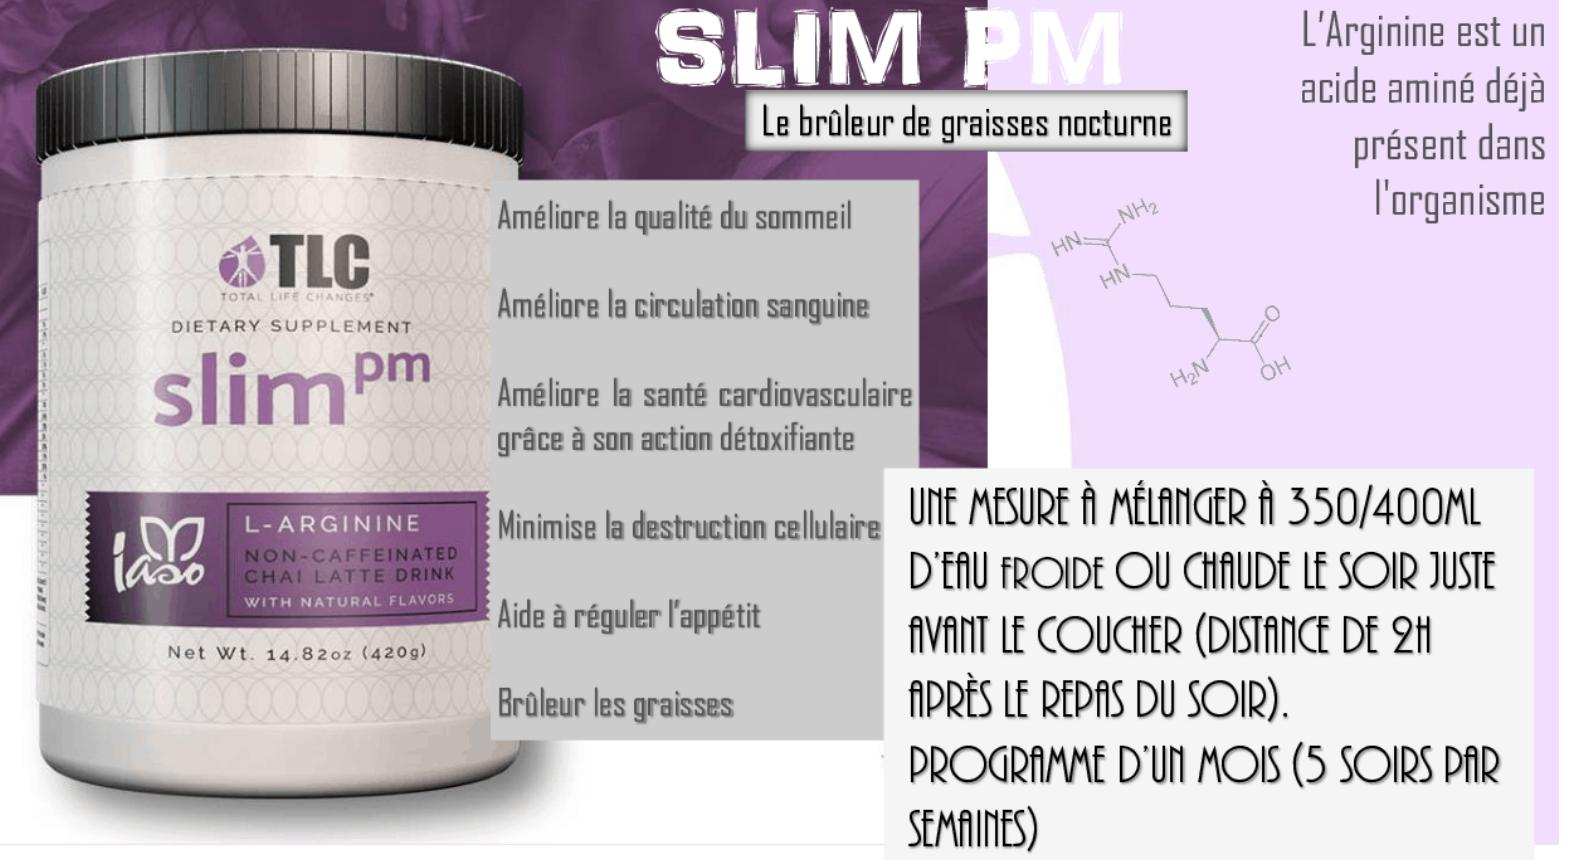 Aide à réguler l appétit, améliore la qualité du sommeil   brûleur de  graisse . 3c519d8bbde